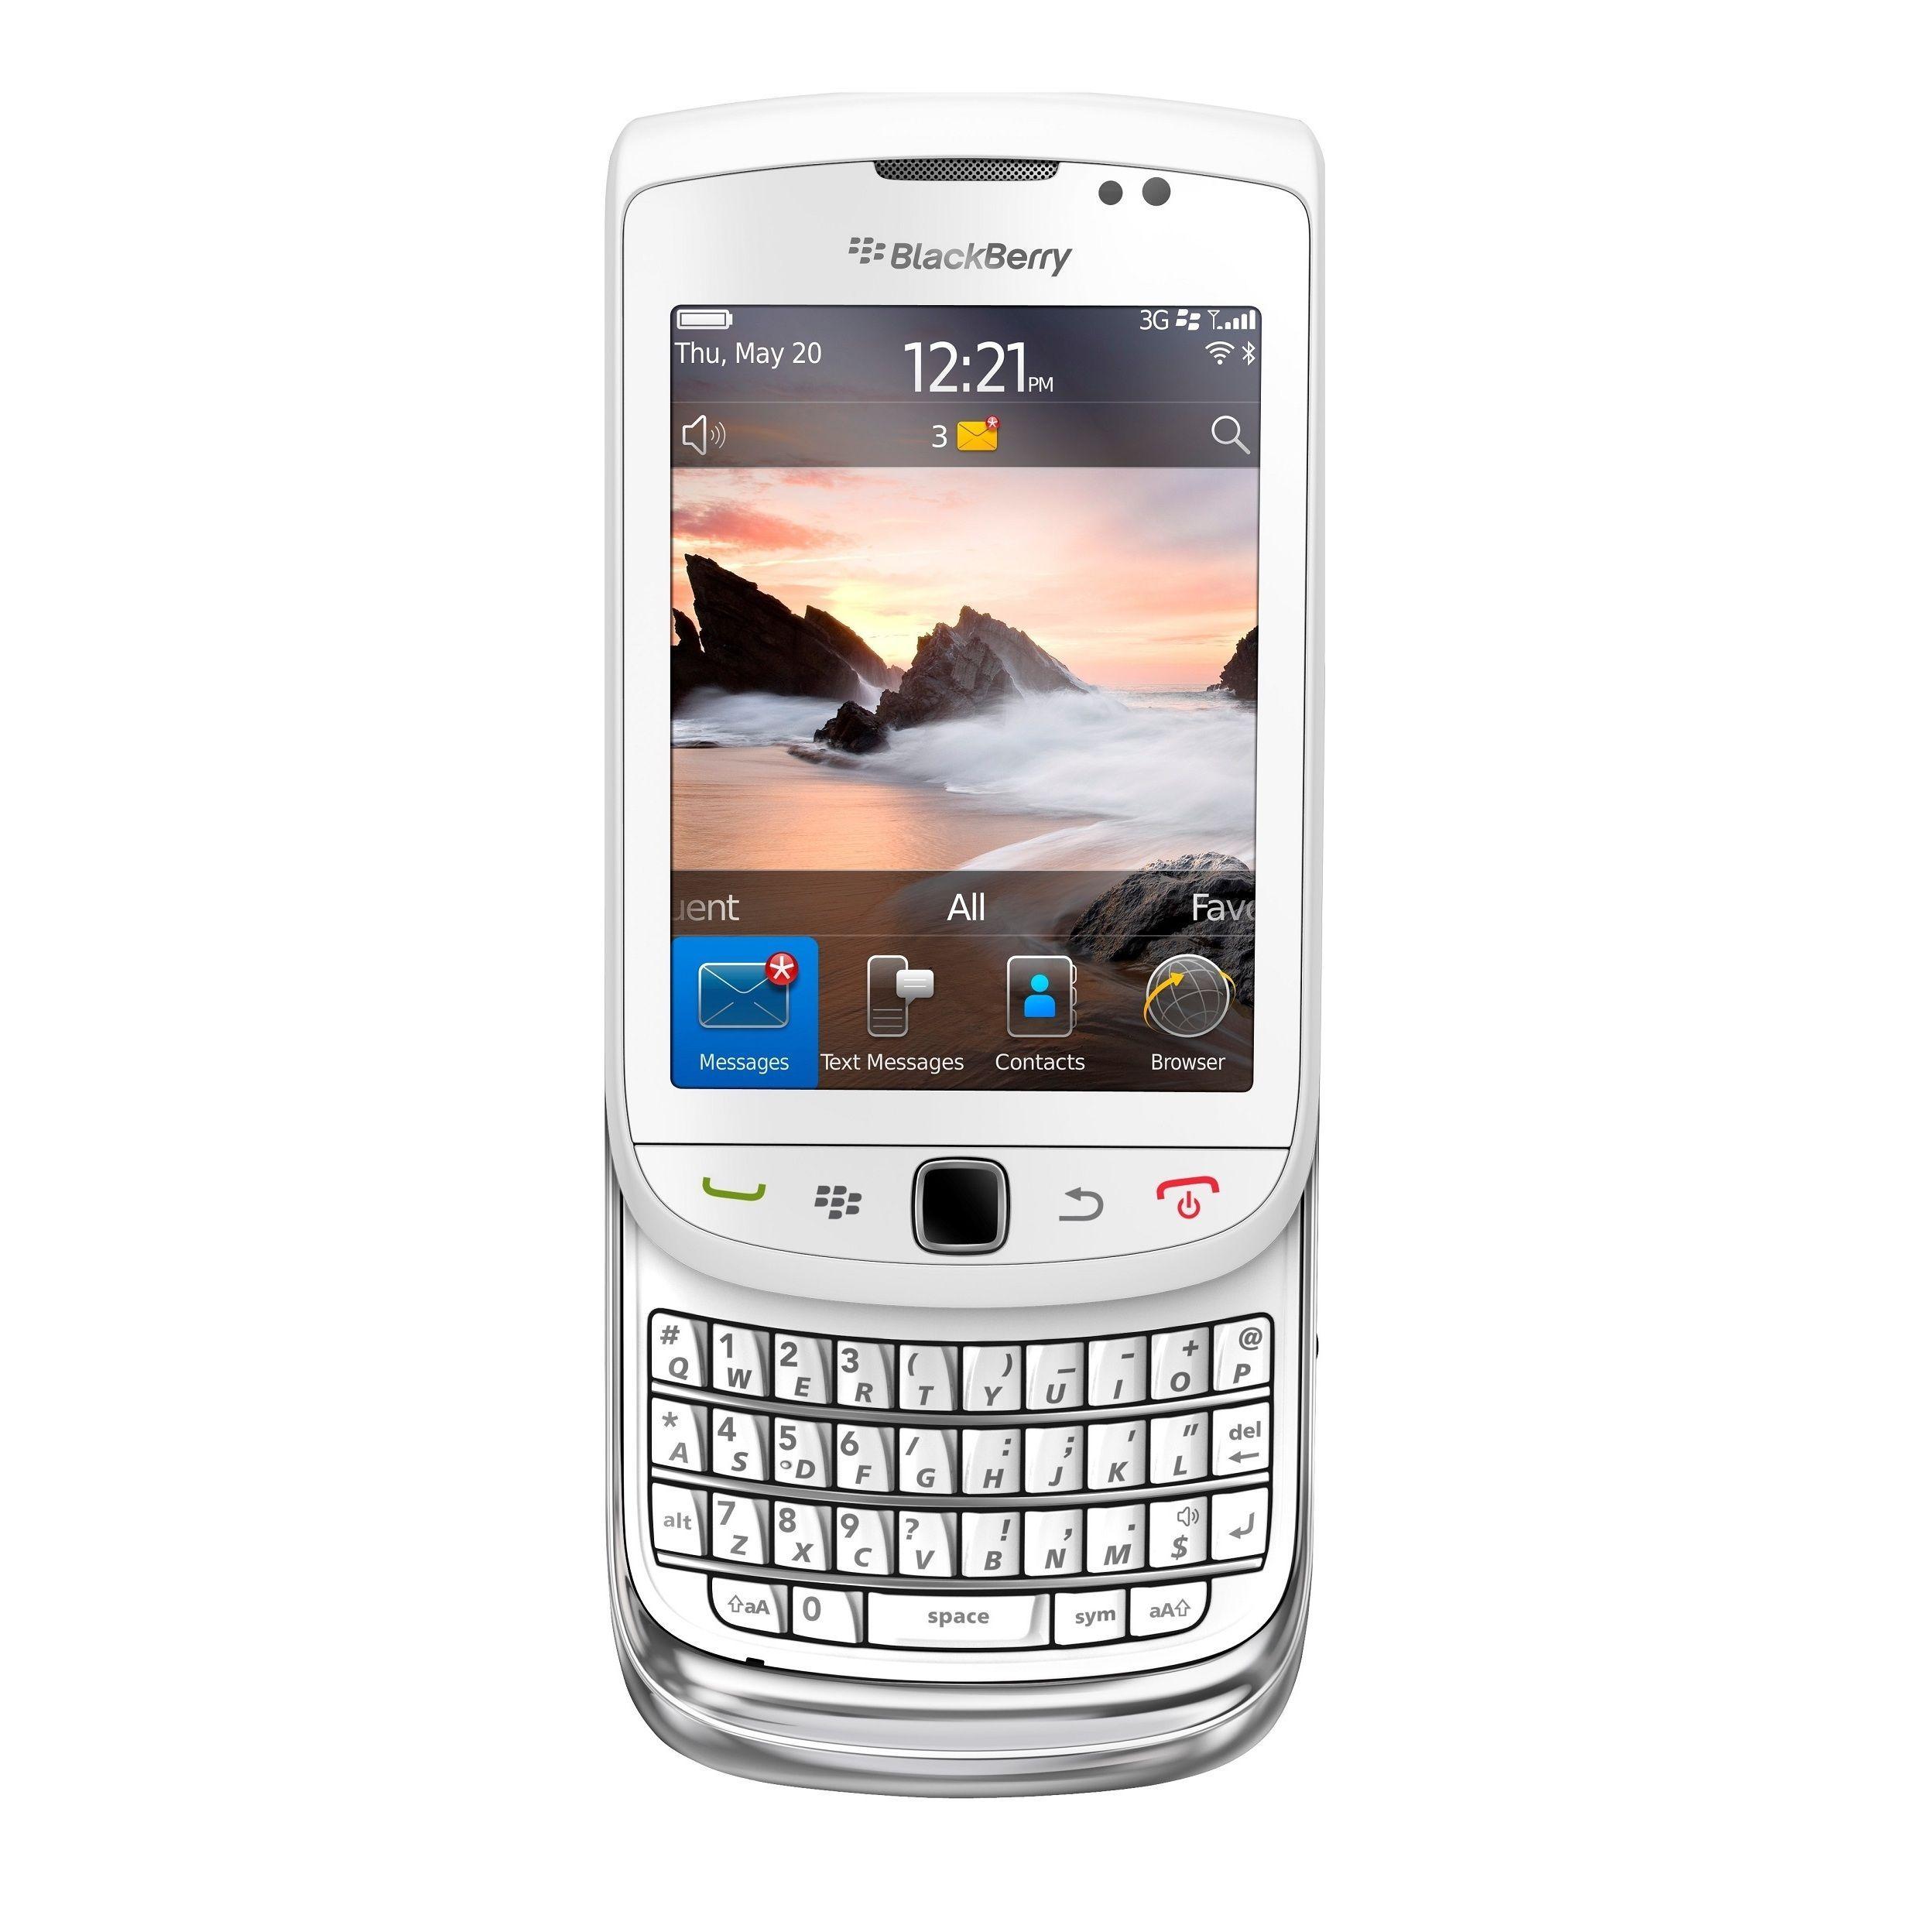 7fd31c6707de7c5edbc0e85d91eb6d84 Exciting Blackberry Z10 Bmw Snap In Cars Trend